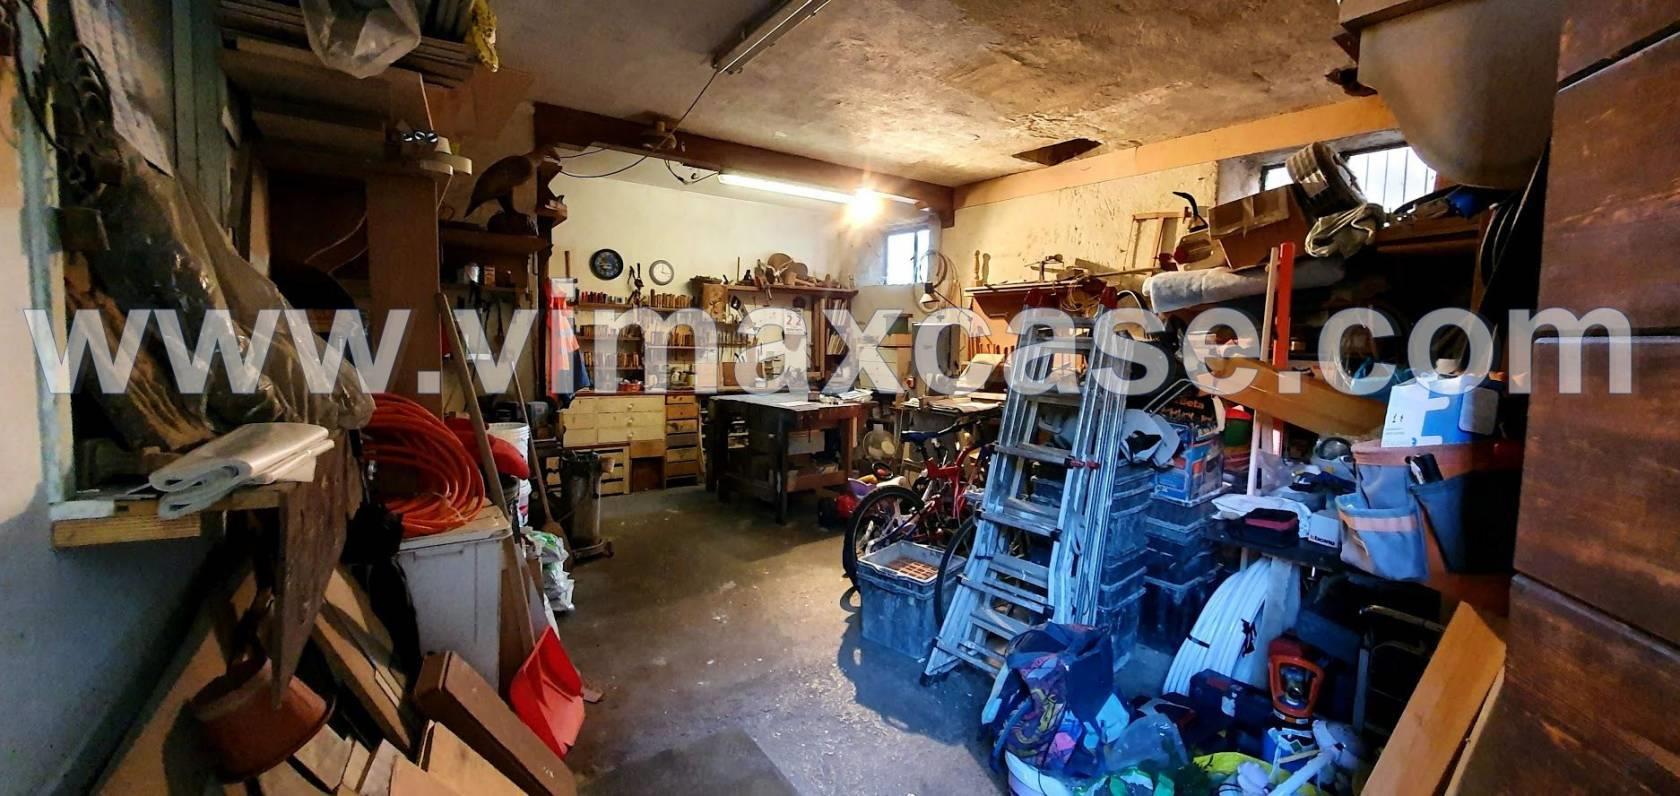 Foto 2 - Appartamento in Vendita - Brugherio (Monza e Brianza)